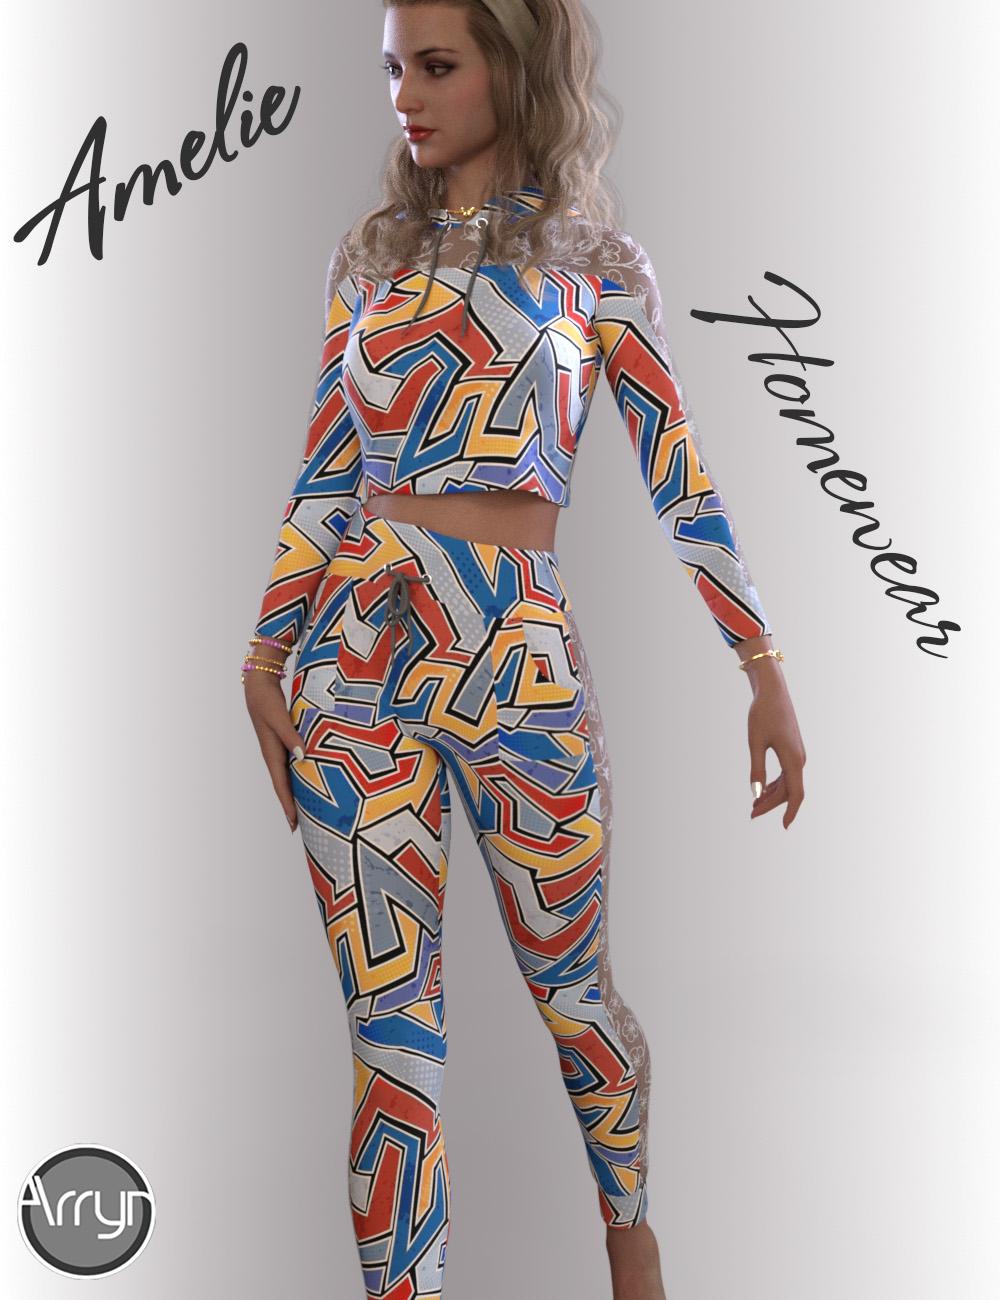 dForce Amelie Homewear for Genesis 8.1 Females by: OnnelArryn, 3D Models by Daz 3D